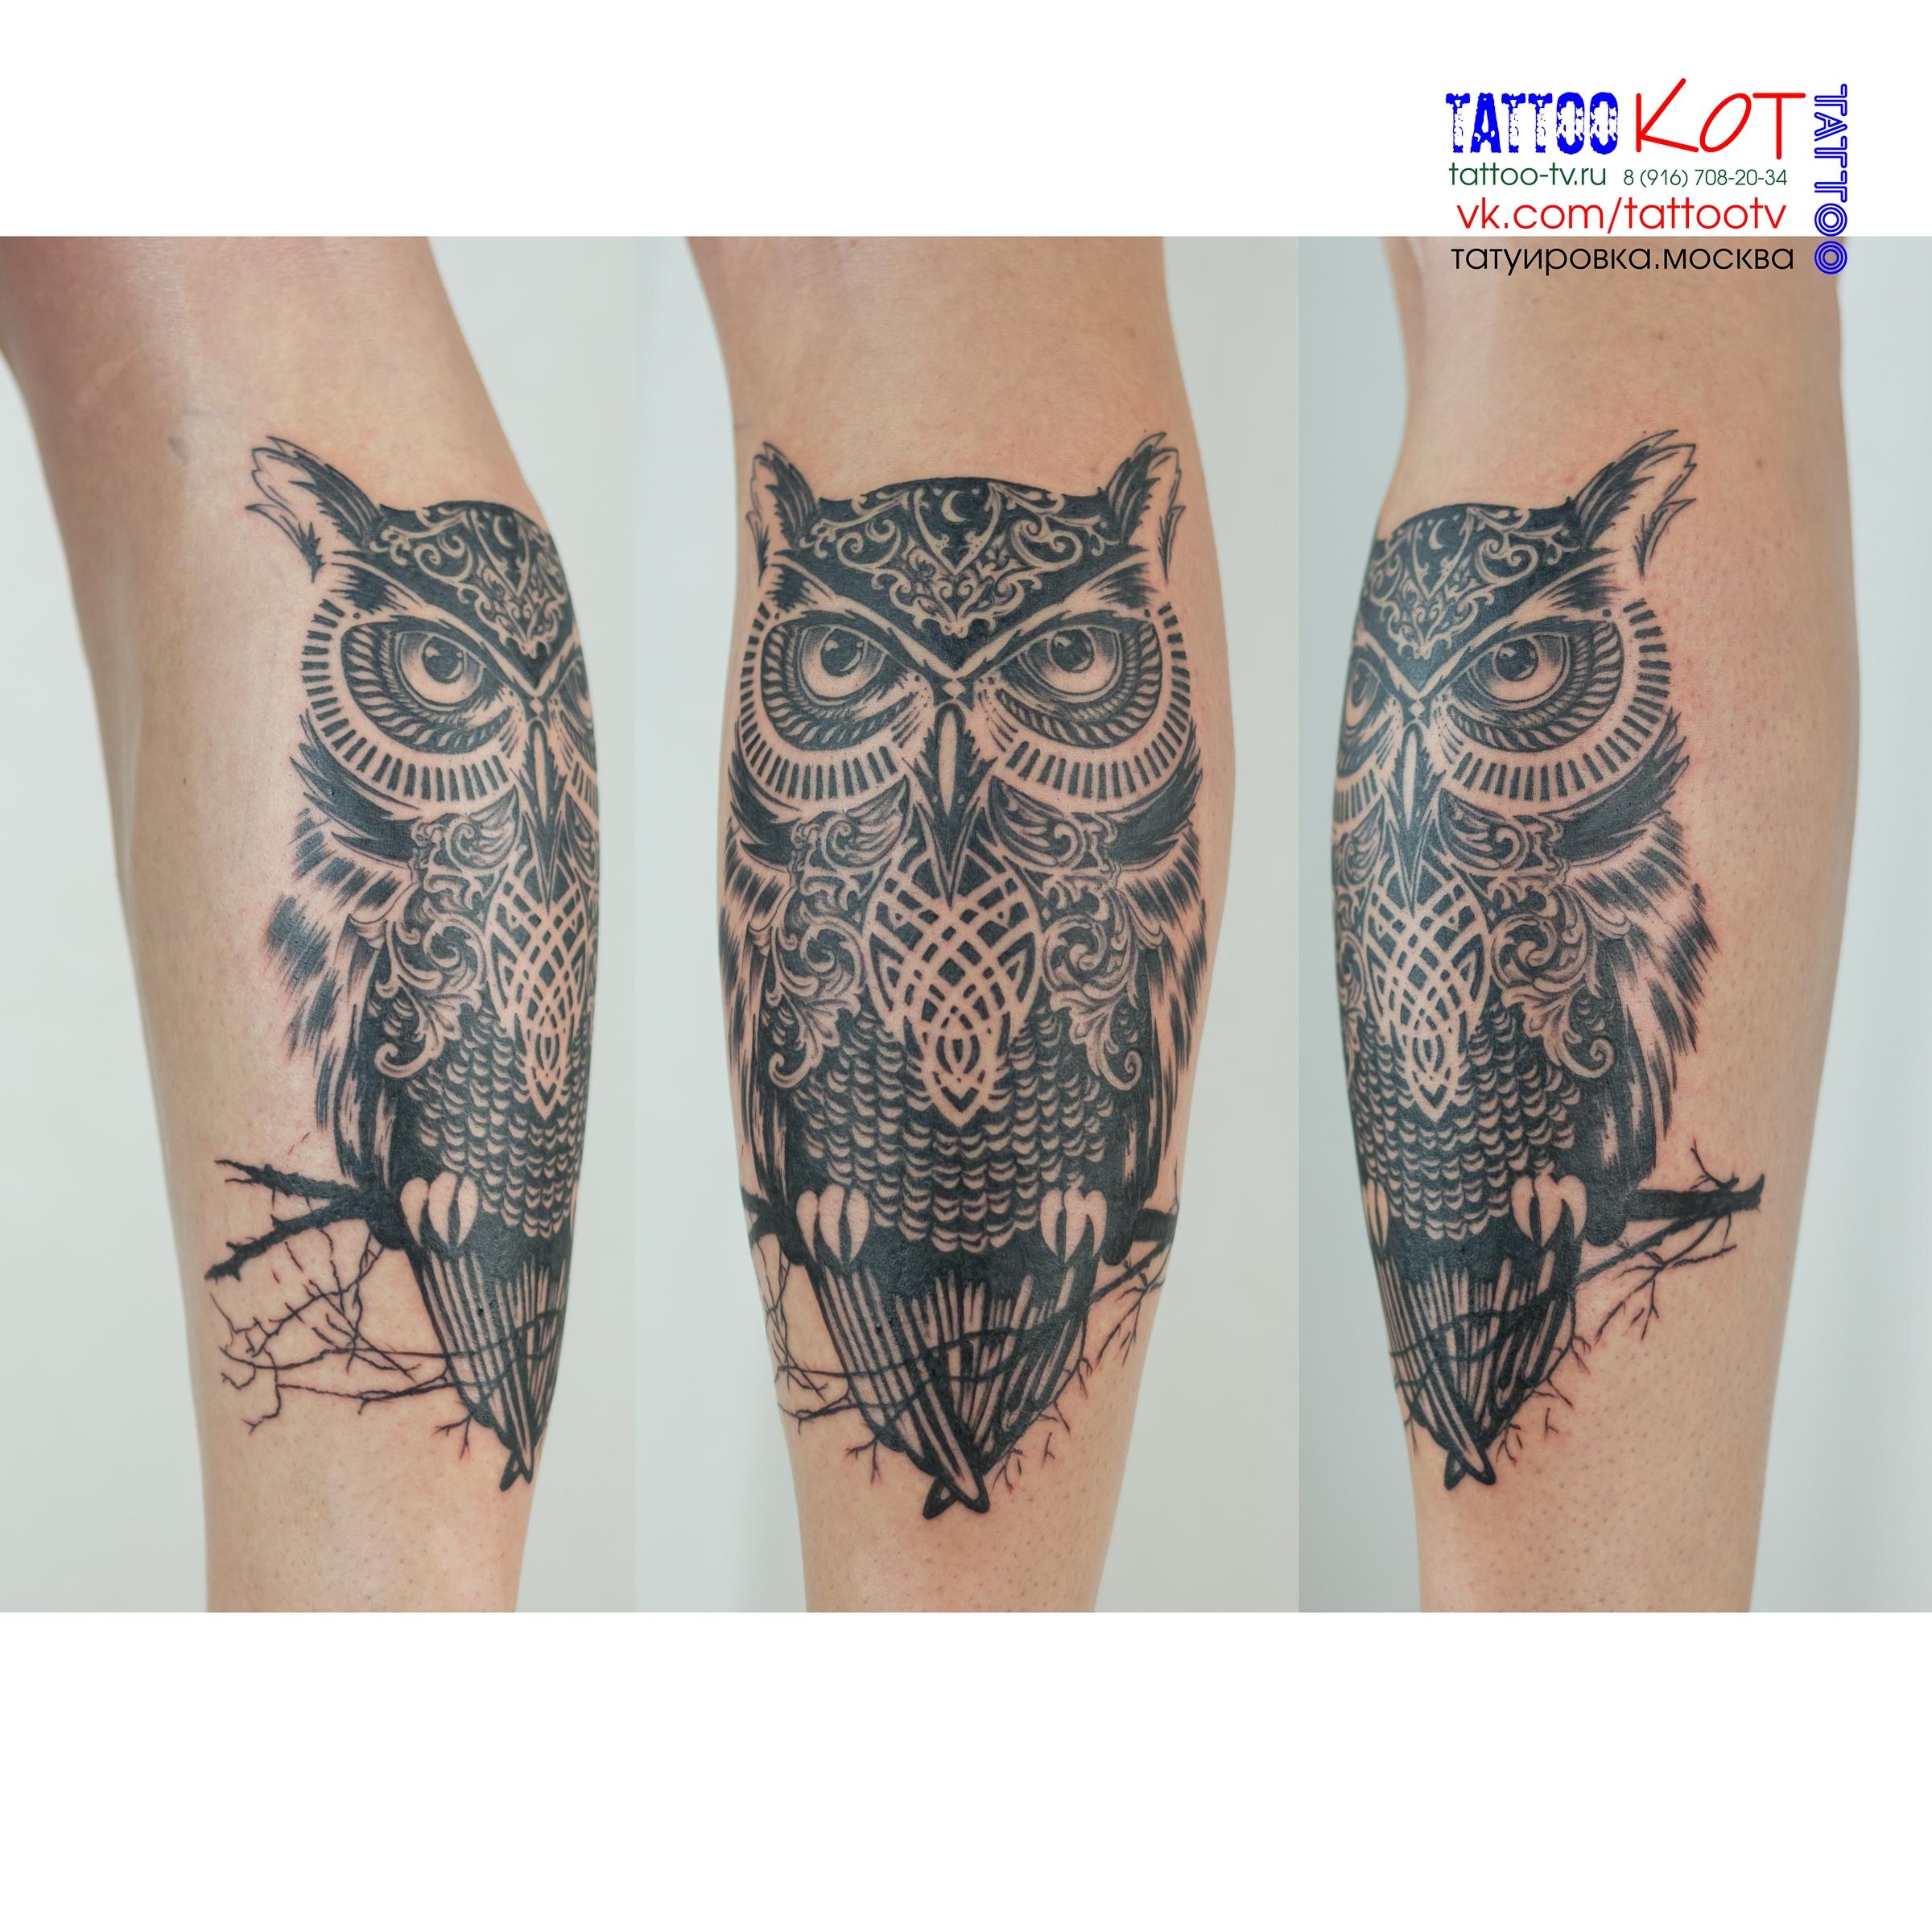 Татуировки на руках - Фото (Тату на руках)